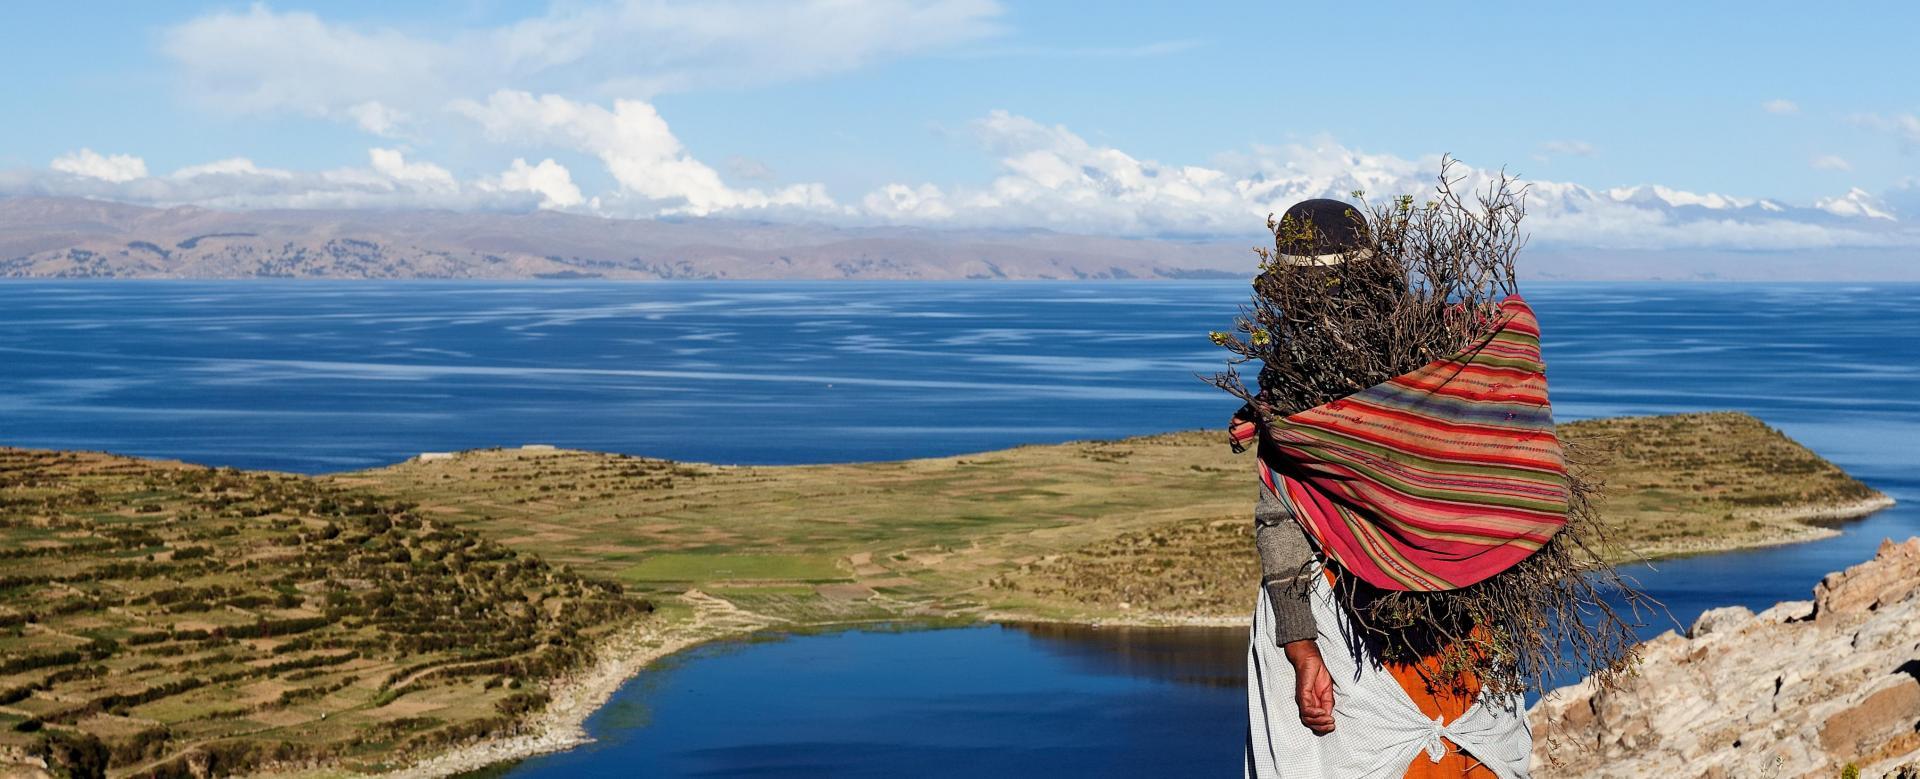 Voyage à pied Pérou : Treks de colca et de huchuy qosqo